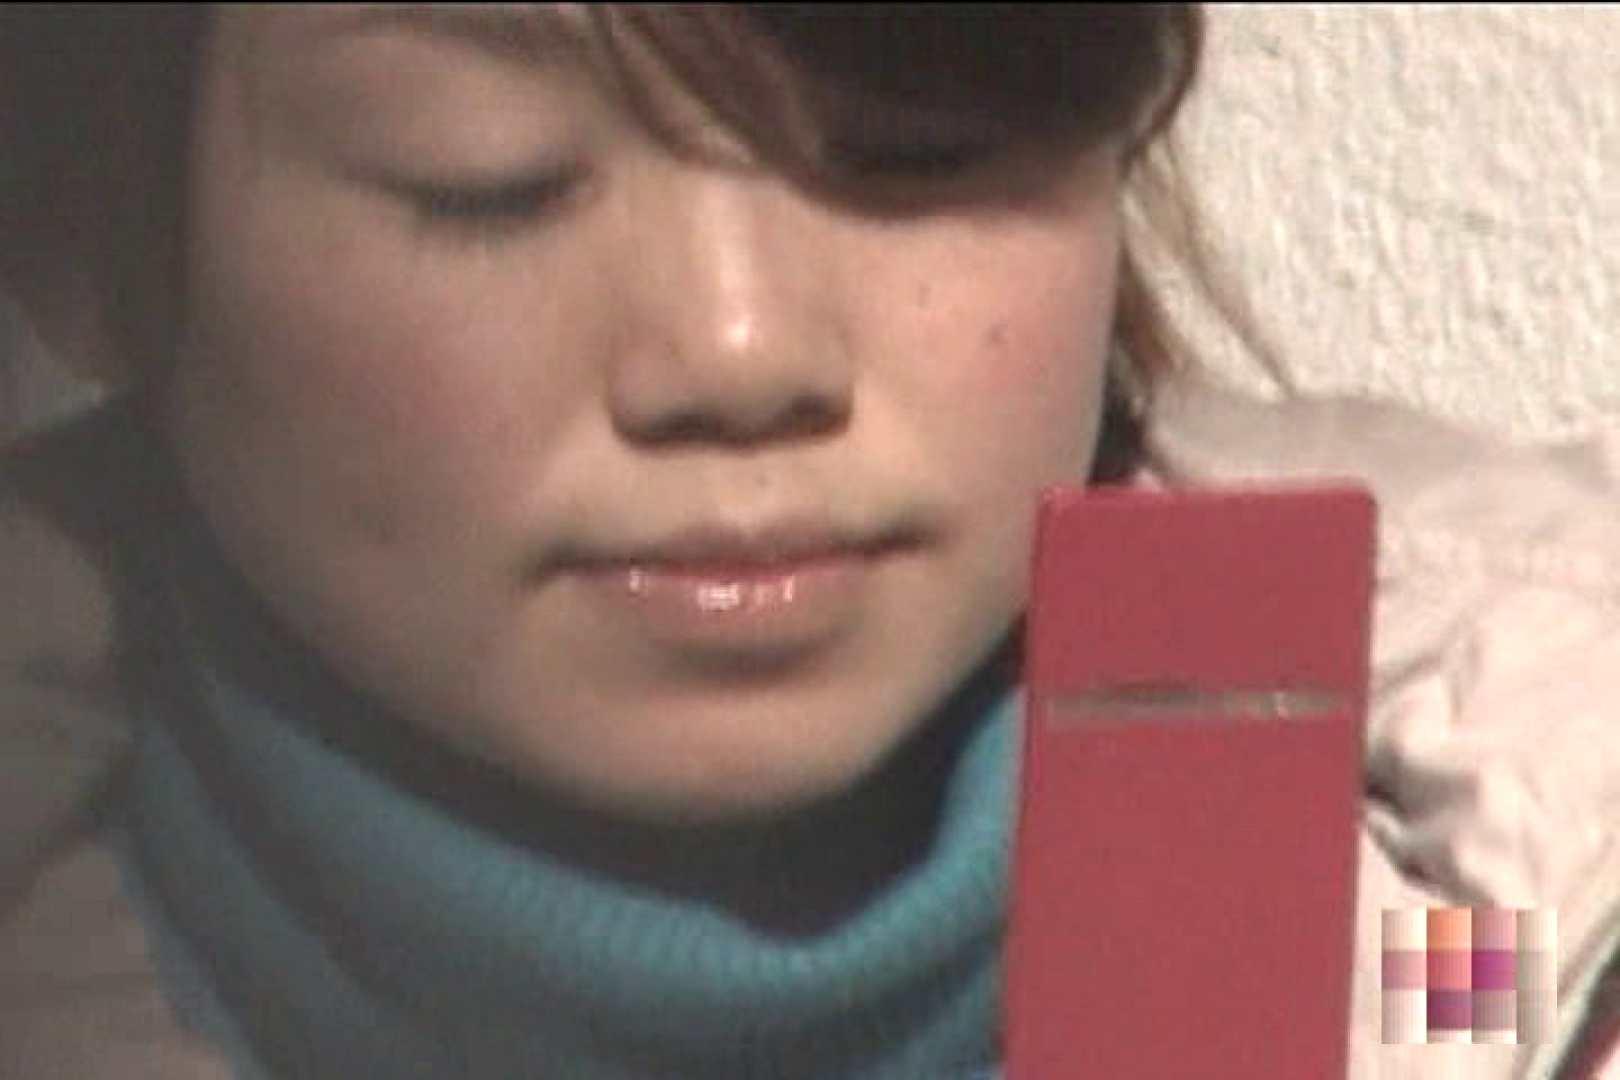 マンチラインパクトVol.8 OLヌード天国 隠し撮りオマンコ動画紹介 94PIX 42